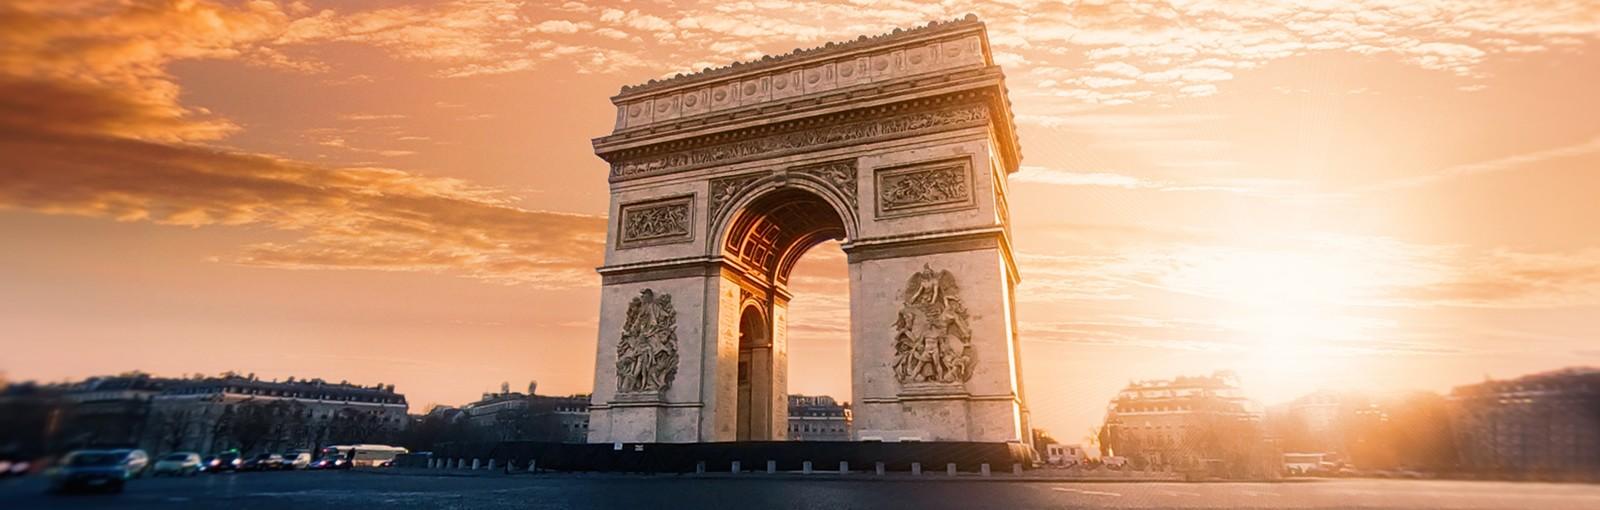 Tours Paquete Paris con 2 noches de hotel - Paquetes Paris - Visitas de Paris